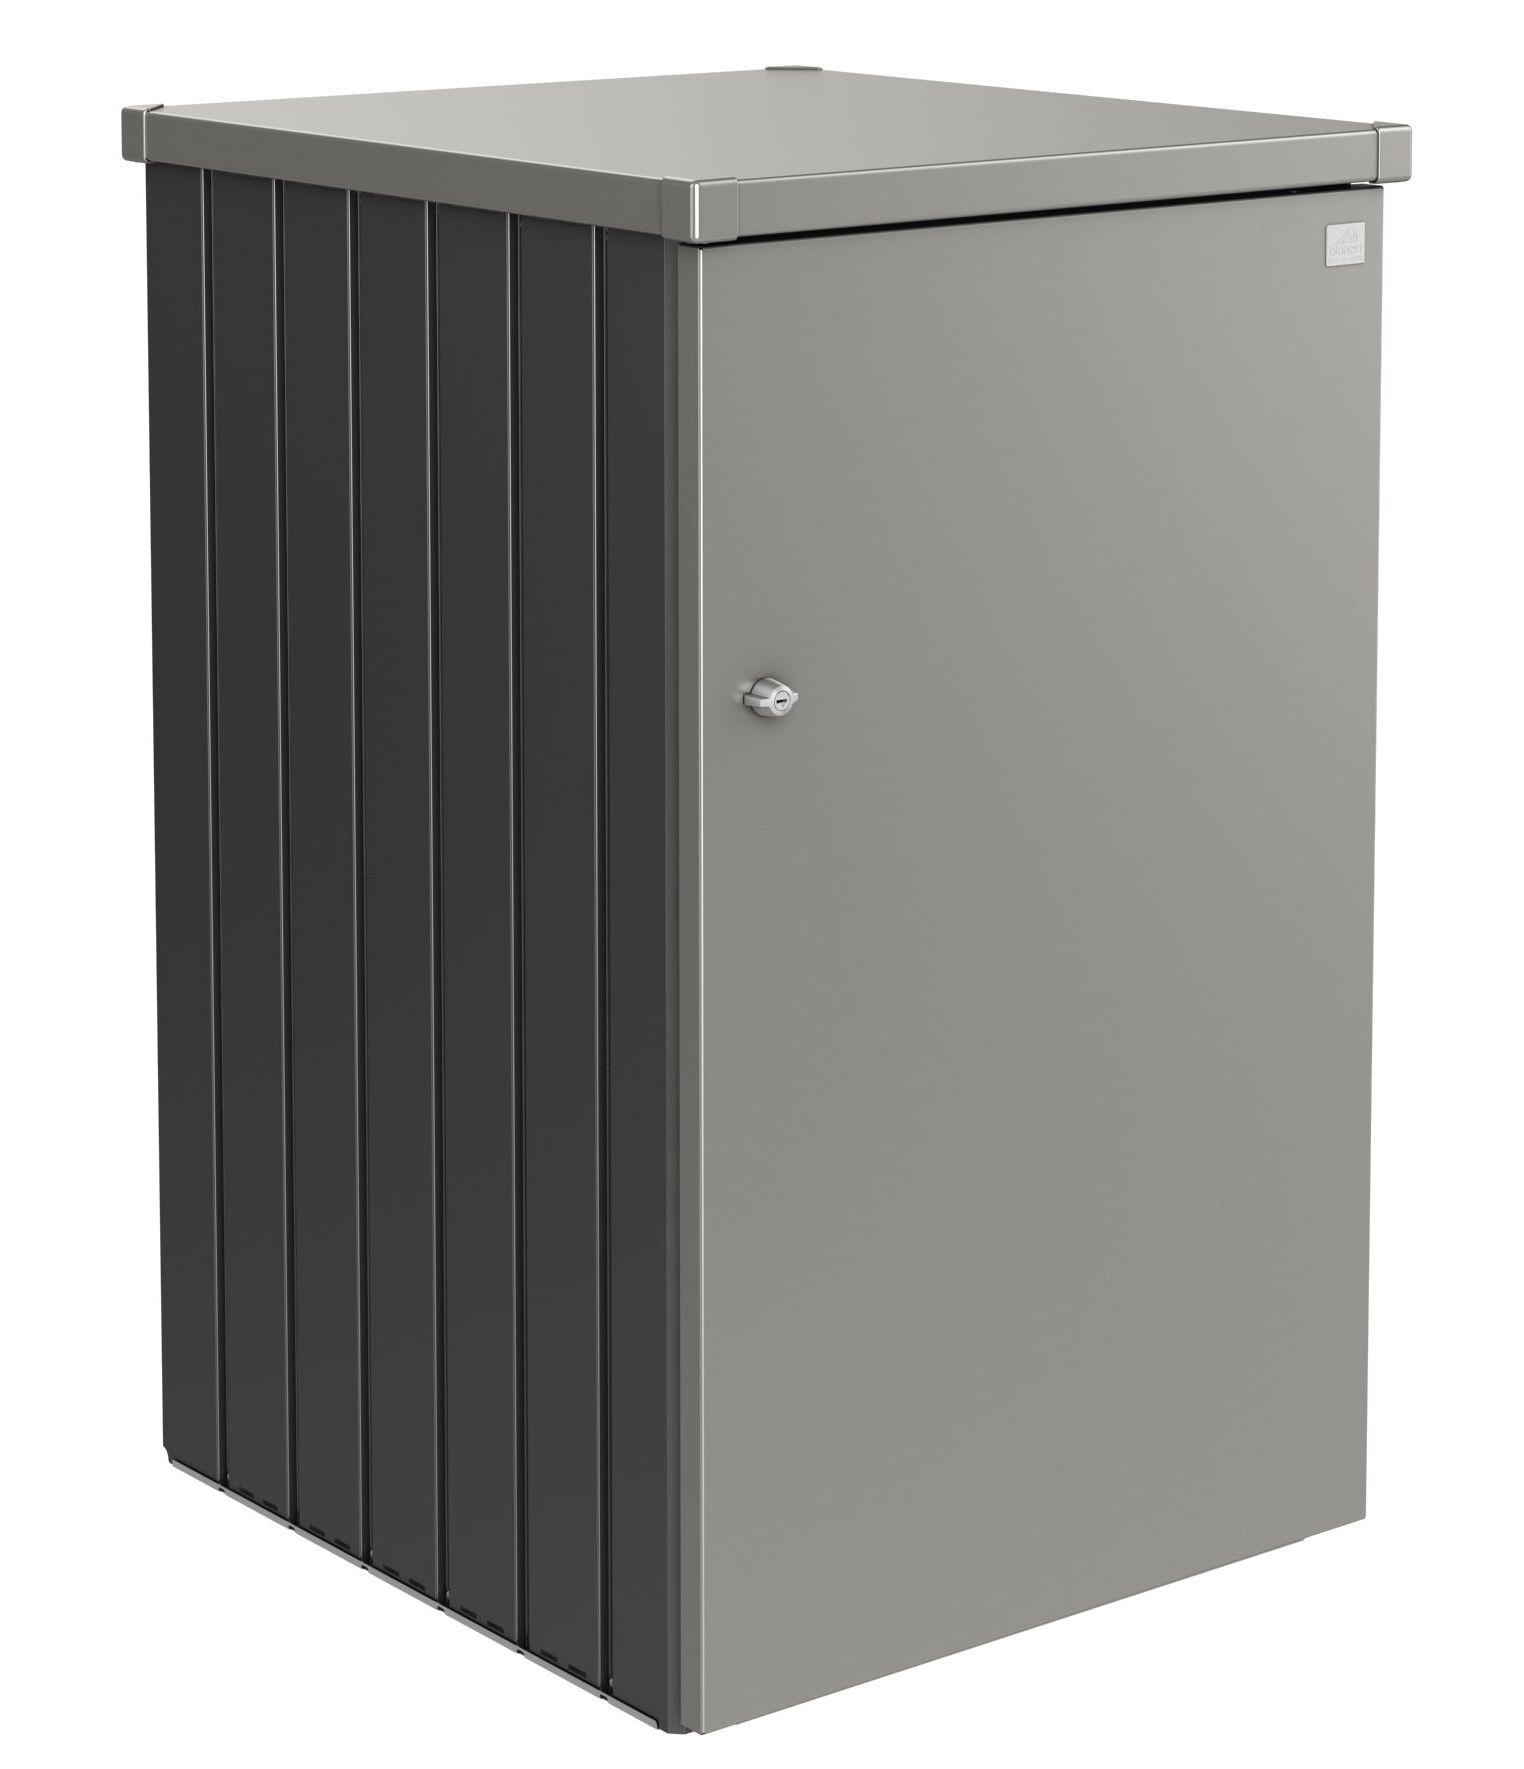 Biohort Box na popelnici Alex 3.2, tmavě šedá metalíza/šedý křemen metalíza